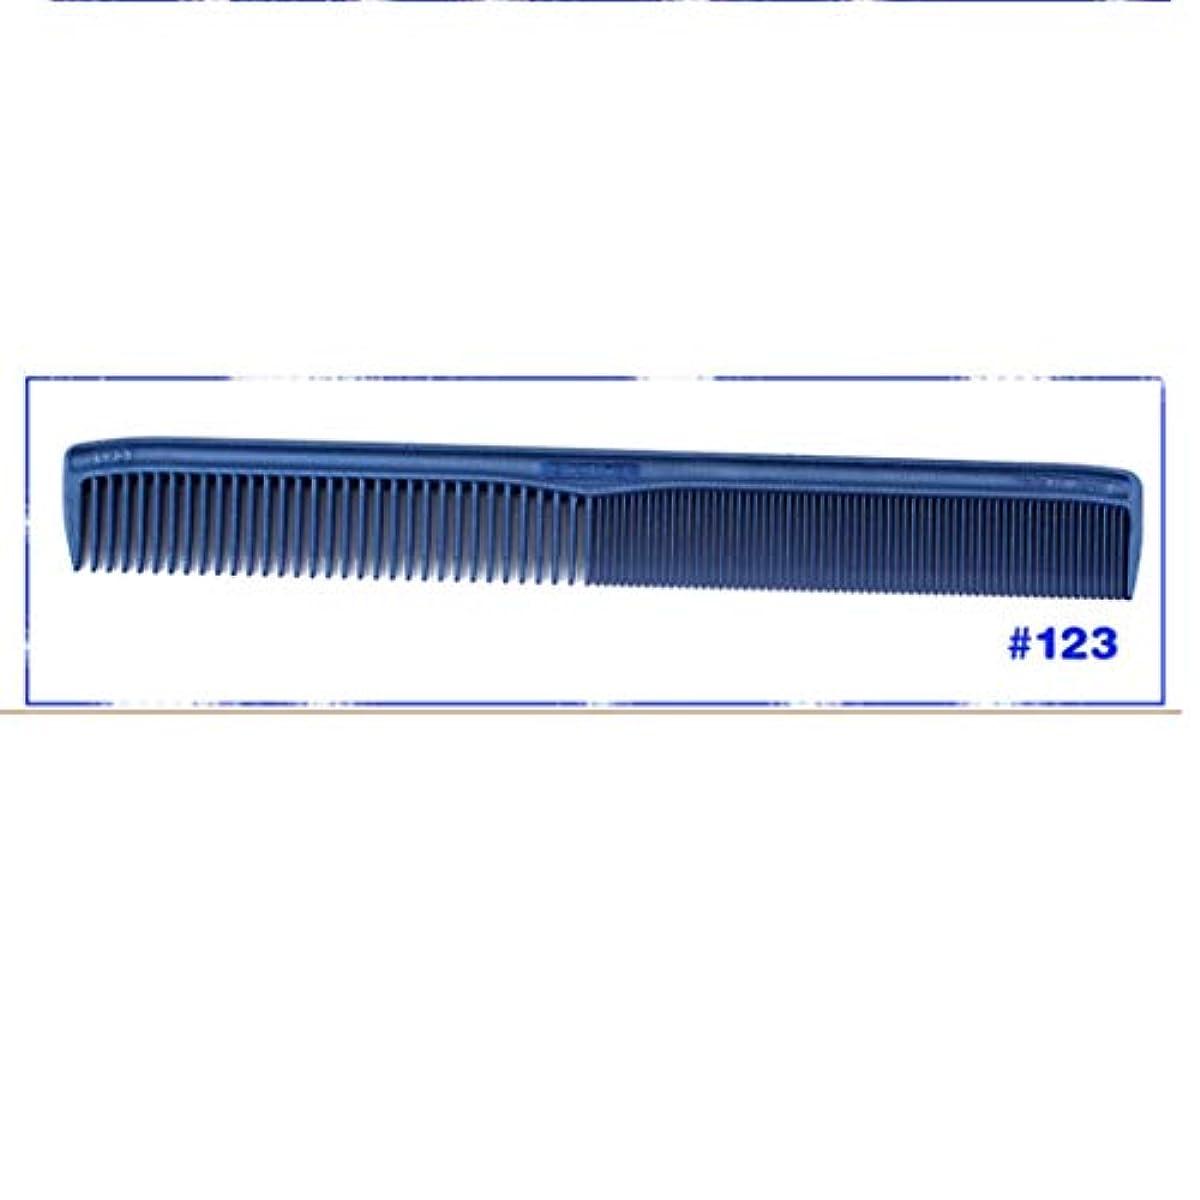 ディンカルビルペック精神人のための超薄いハンドルの櫛または女性または人のプラスチック櫛のためのWome-Professional 3Dの毛の櫛 ヘアケア (サイズ : 123)